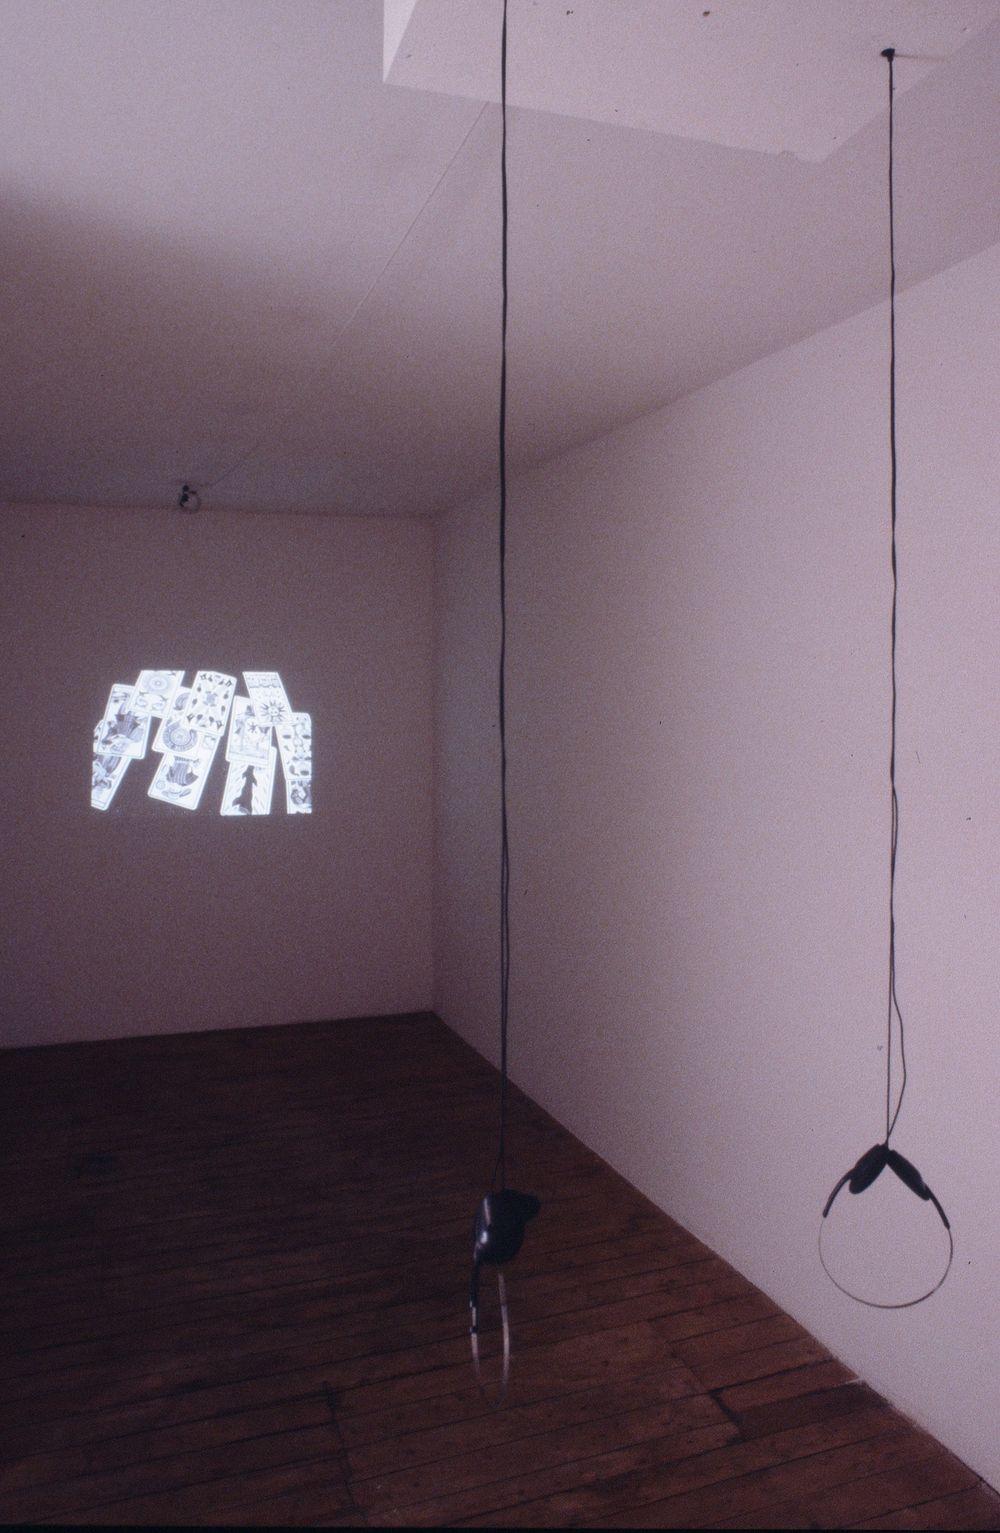 Artist:Noritoshi HIRAKAWA, Exhibition:Je veux être amoureux de vous